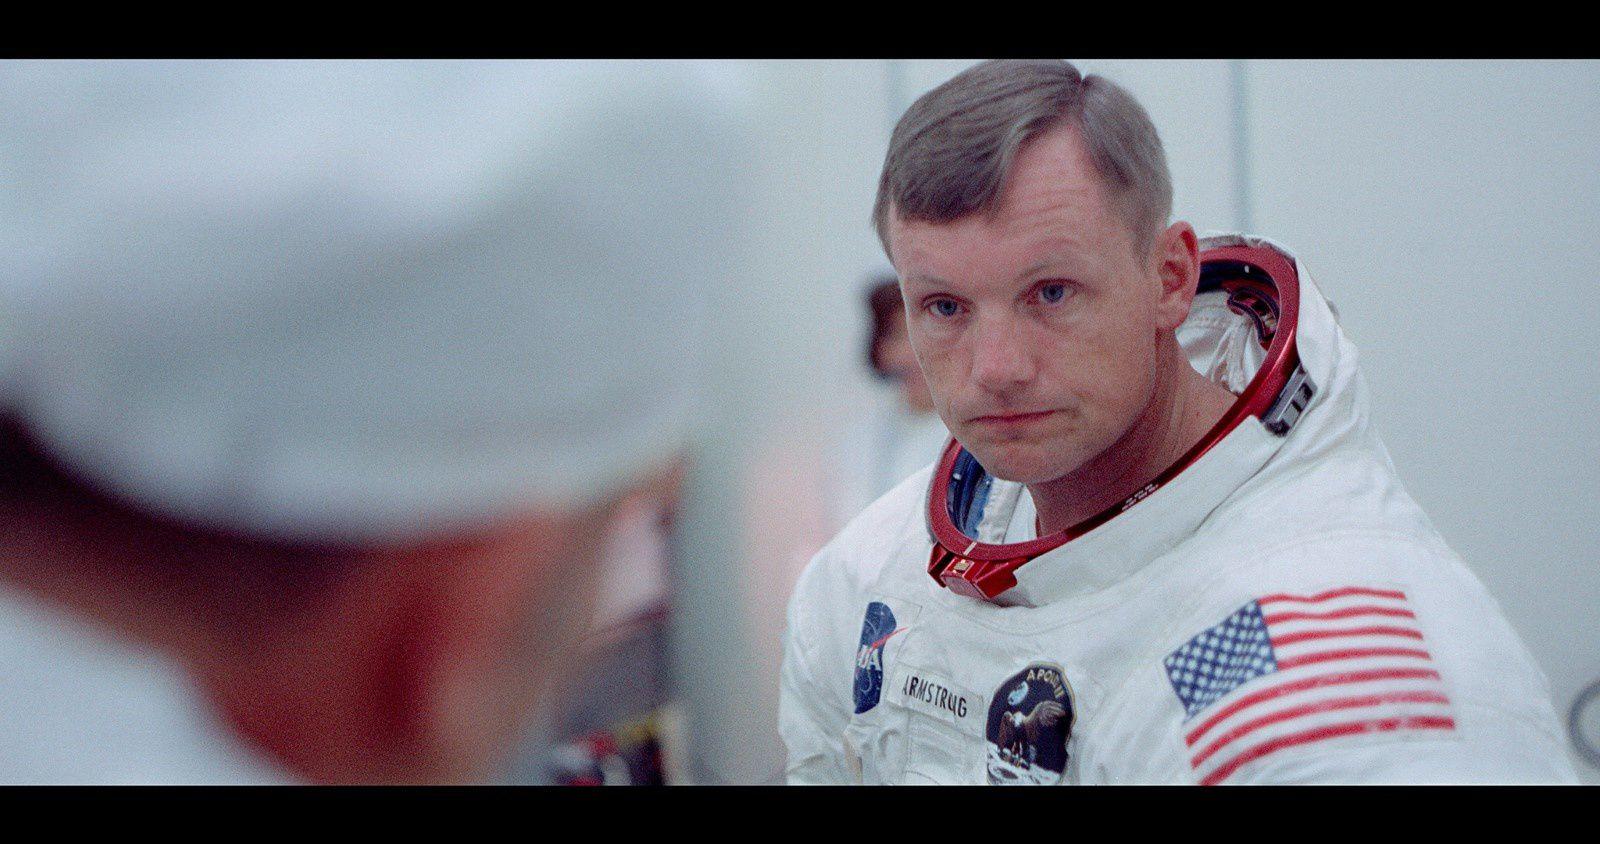 Apollo 11 (BANDE-ANNONCE) avec Neil Armstrong, Buzz Aldrin, Michael Collins - Le 4 septembre 2019 au cinéma